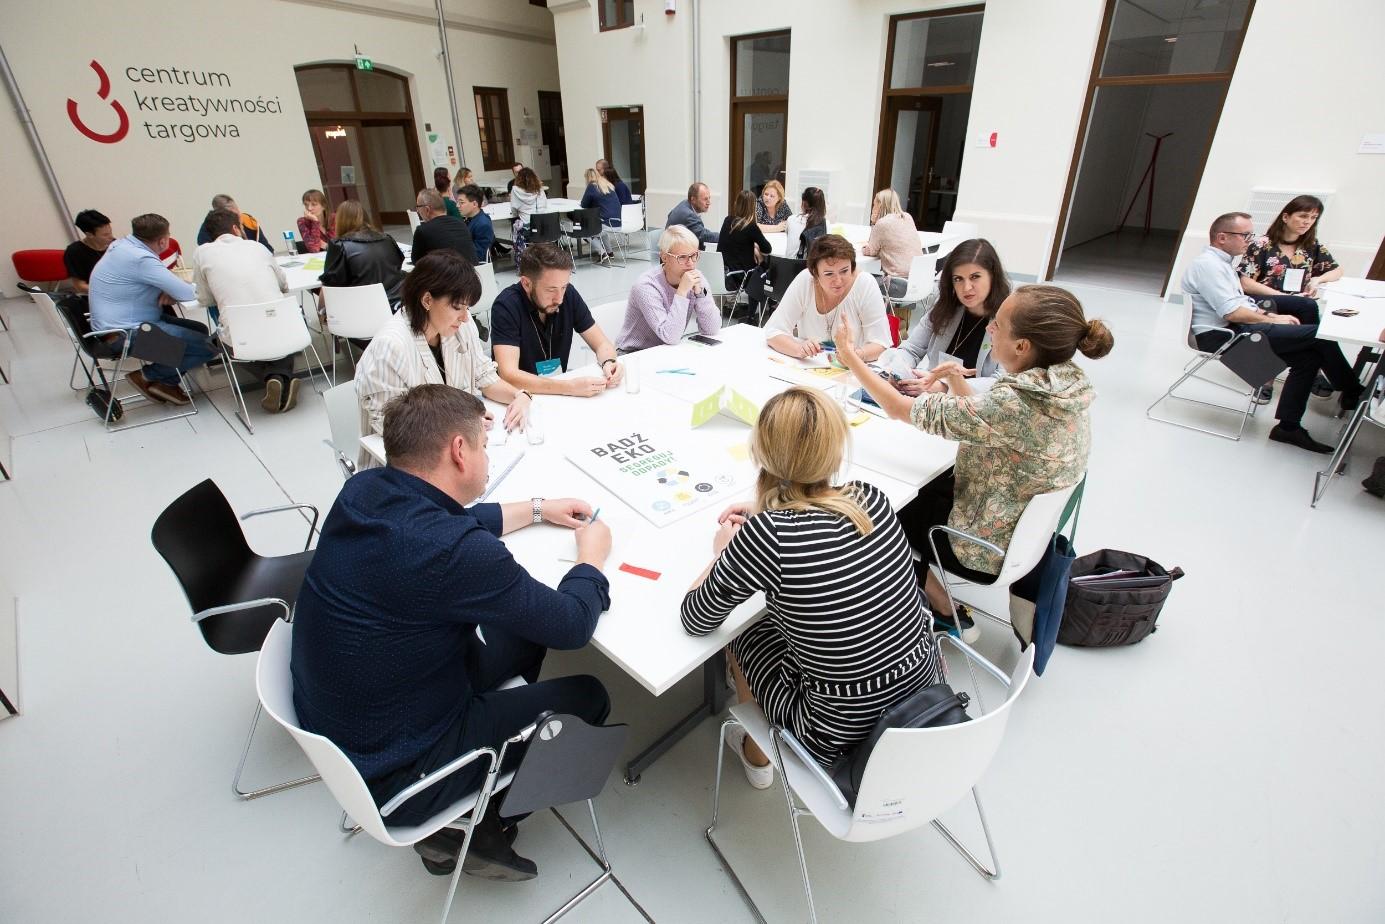 Uczestnicy konferencji przy stołach pracujący wgrupach.